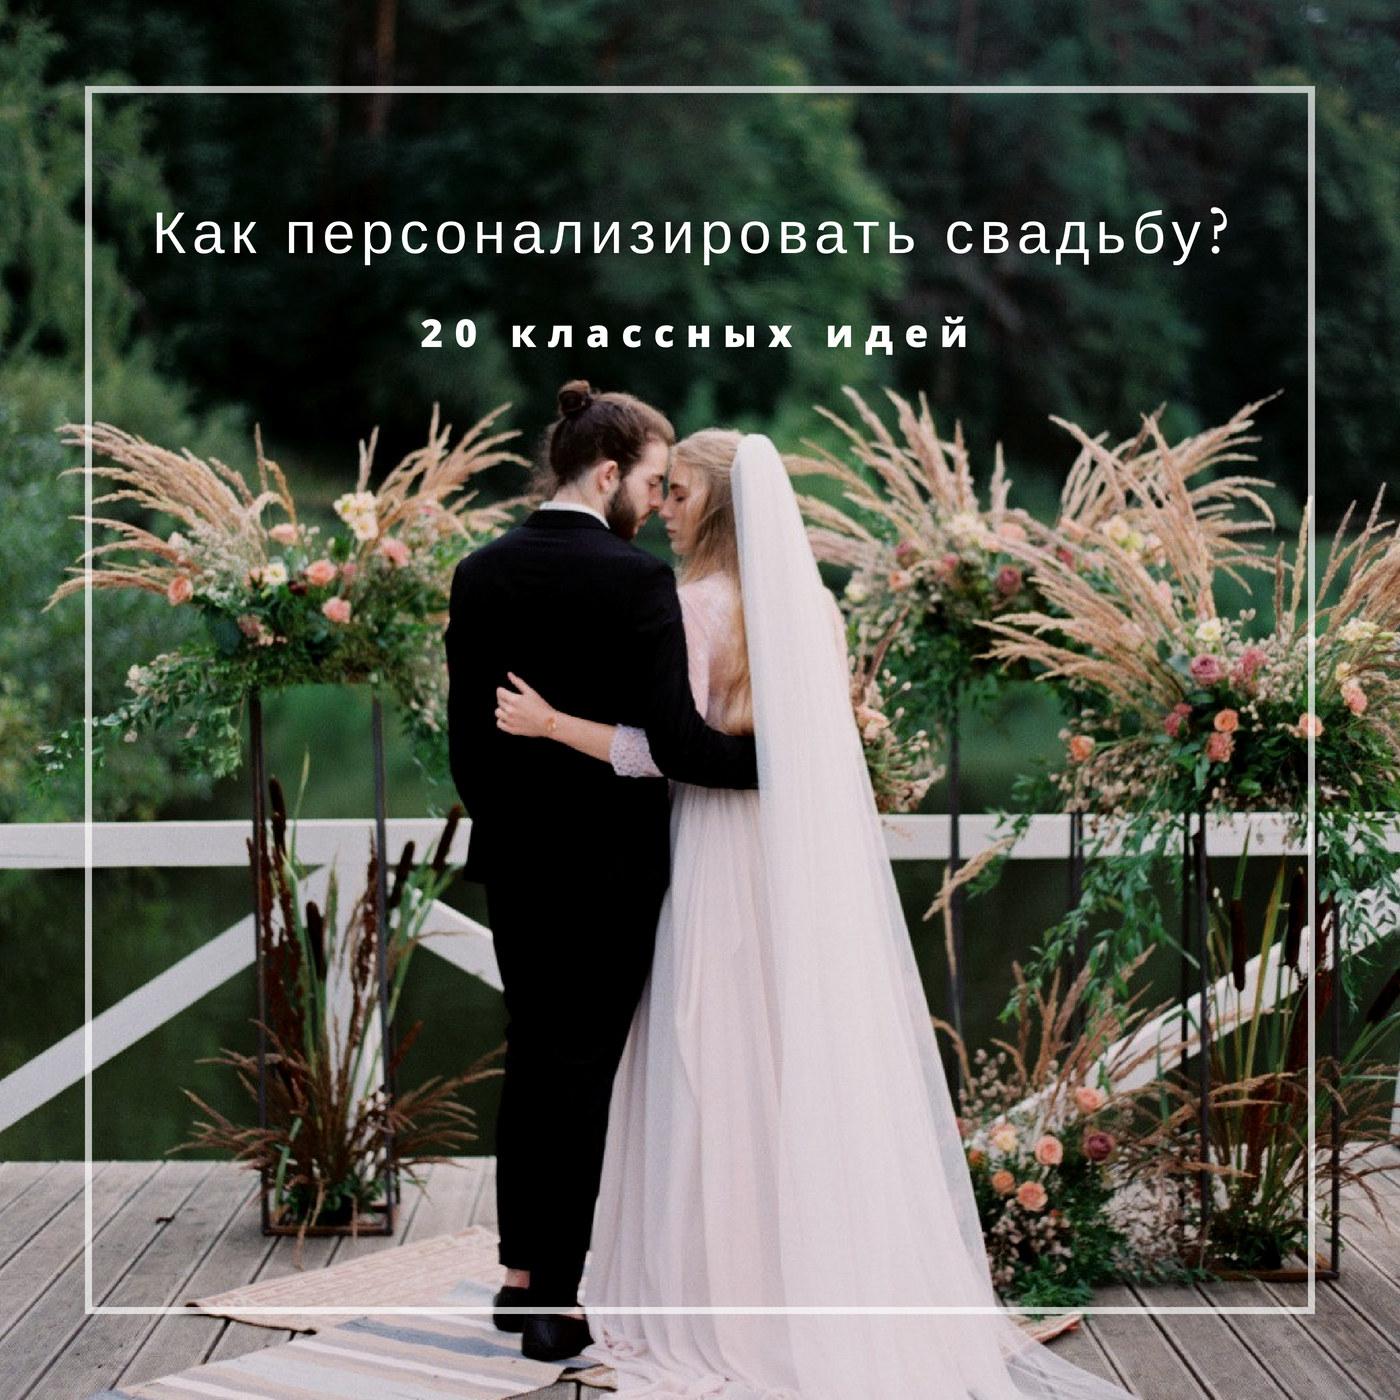 Как персонализировать свадьбу: 20 идей